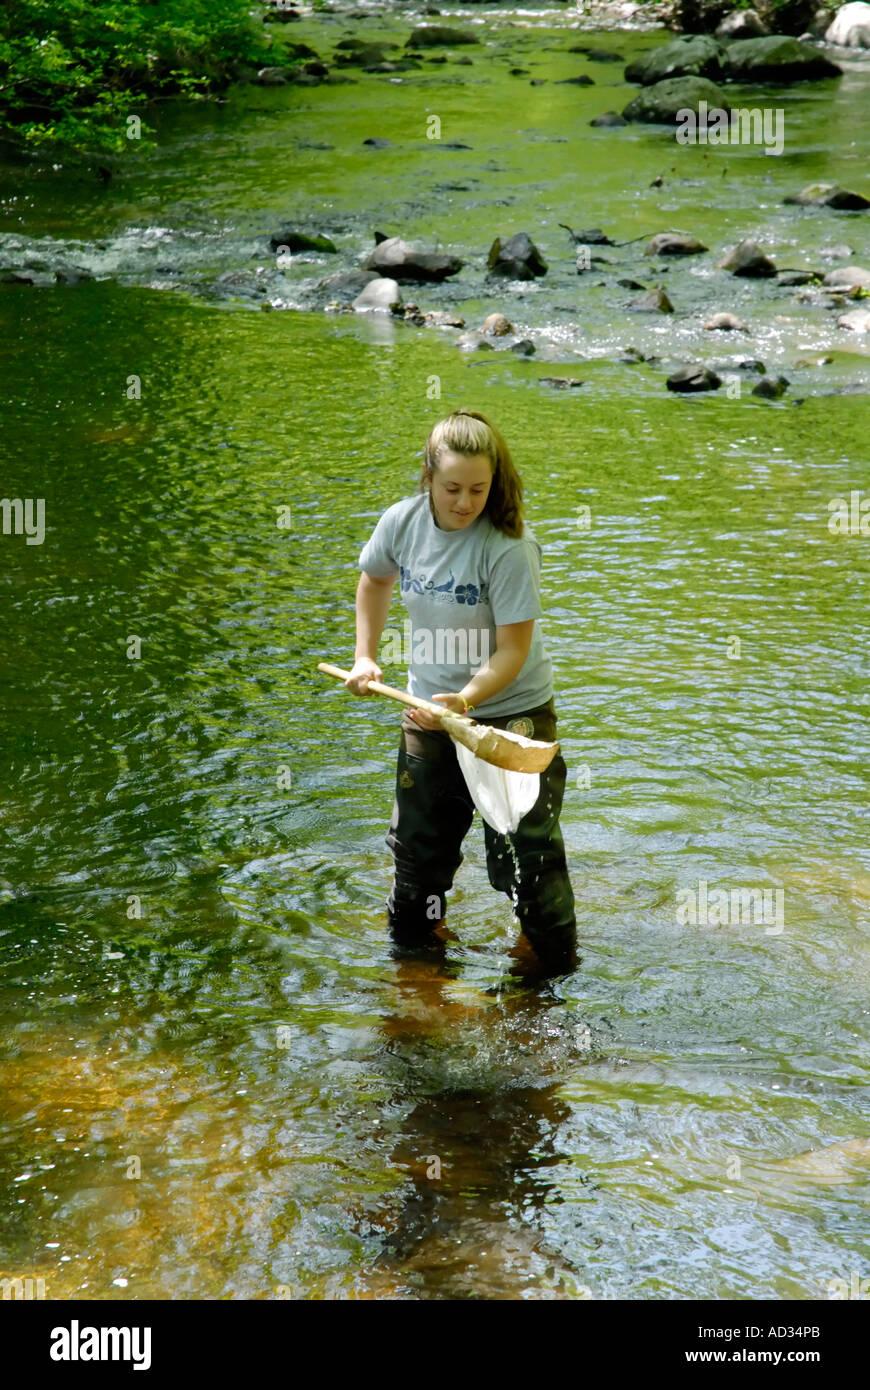 Teenager-Mädchen mit net Probenahme Flusswasser für Fische und Wirbellosen biologischen Indikatoren für die Wasserqualität Stockbild